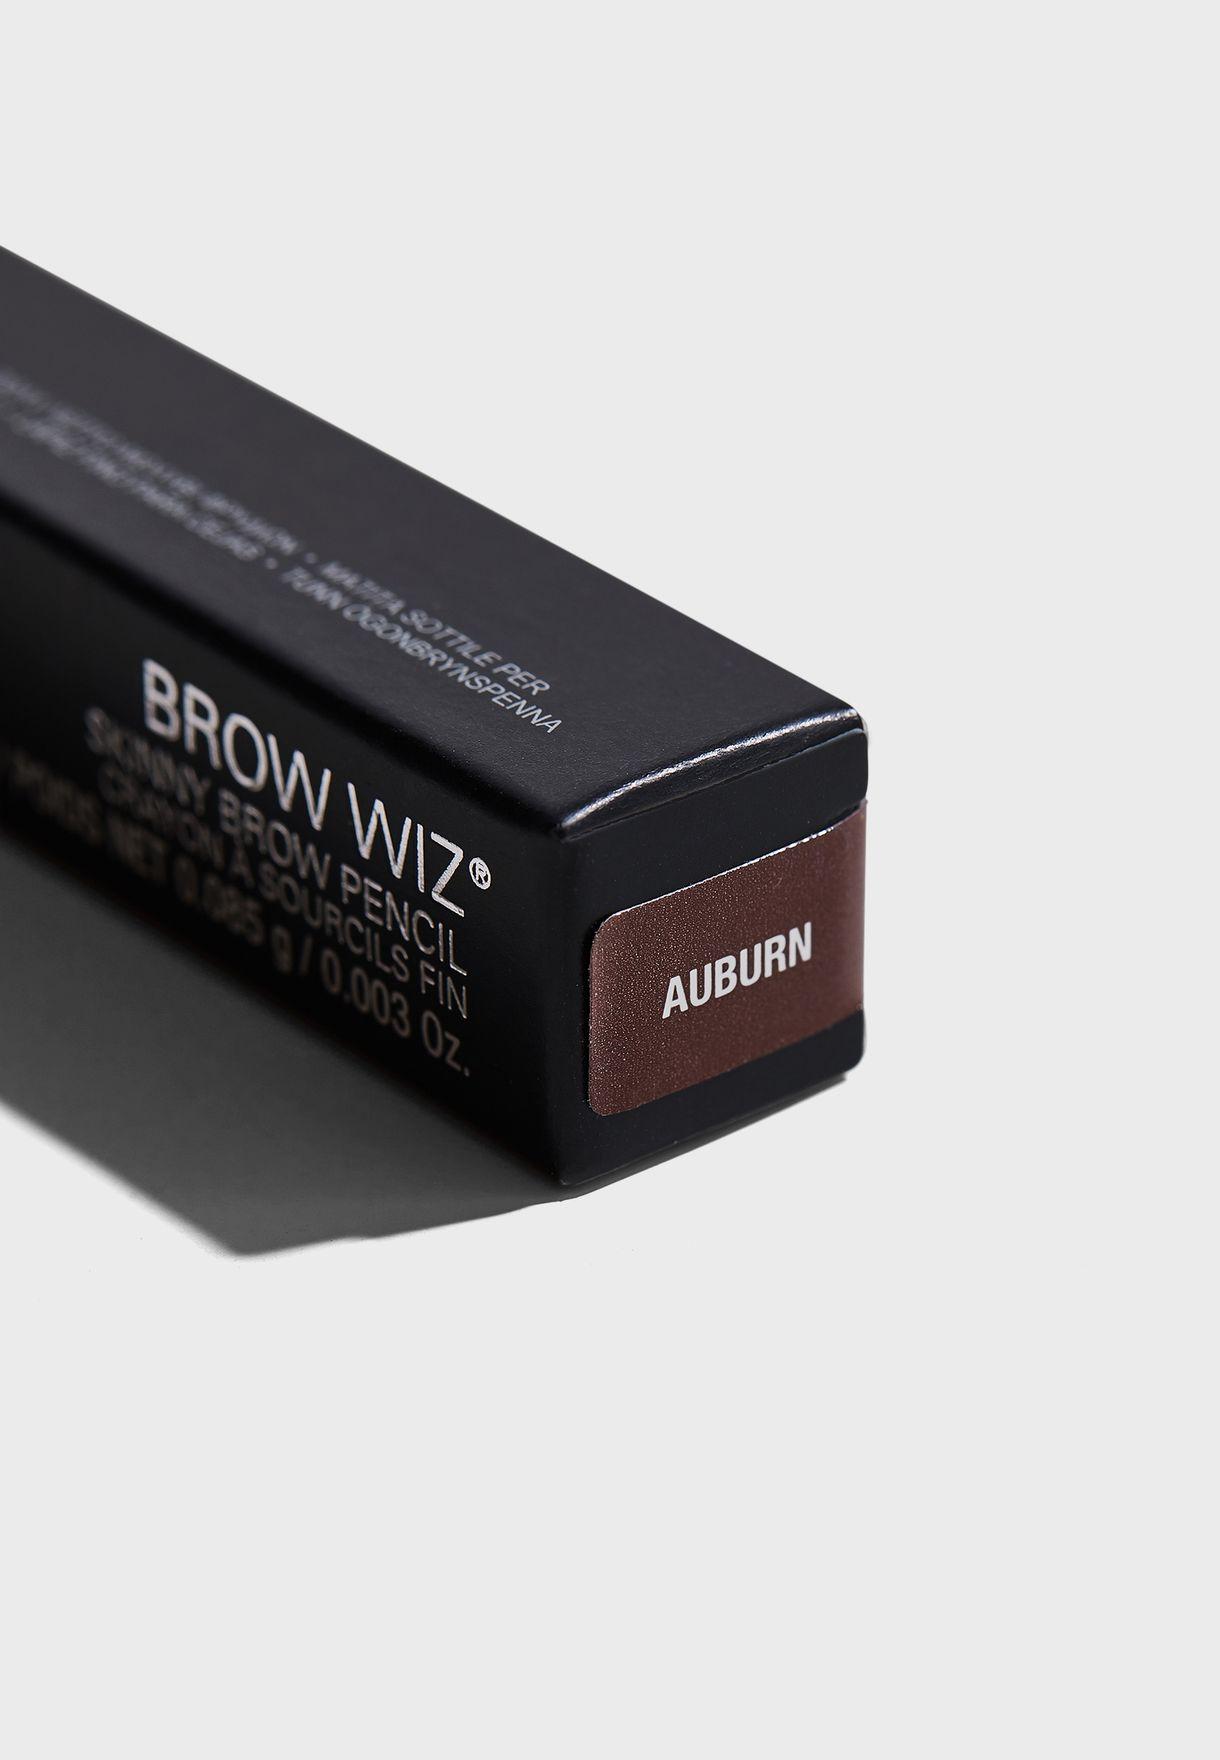 Brow Wiz - Auburn